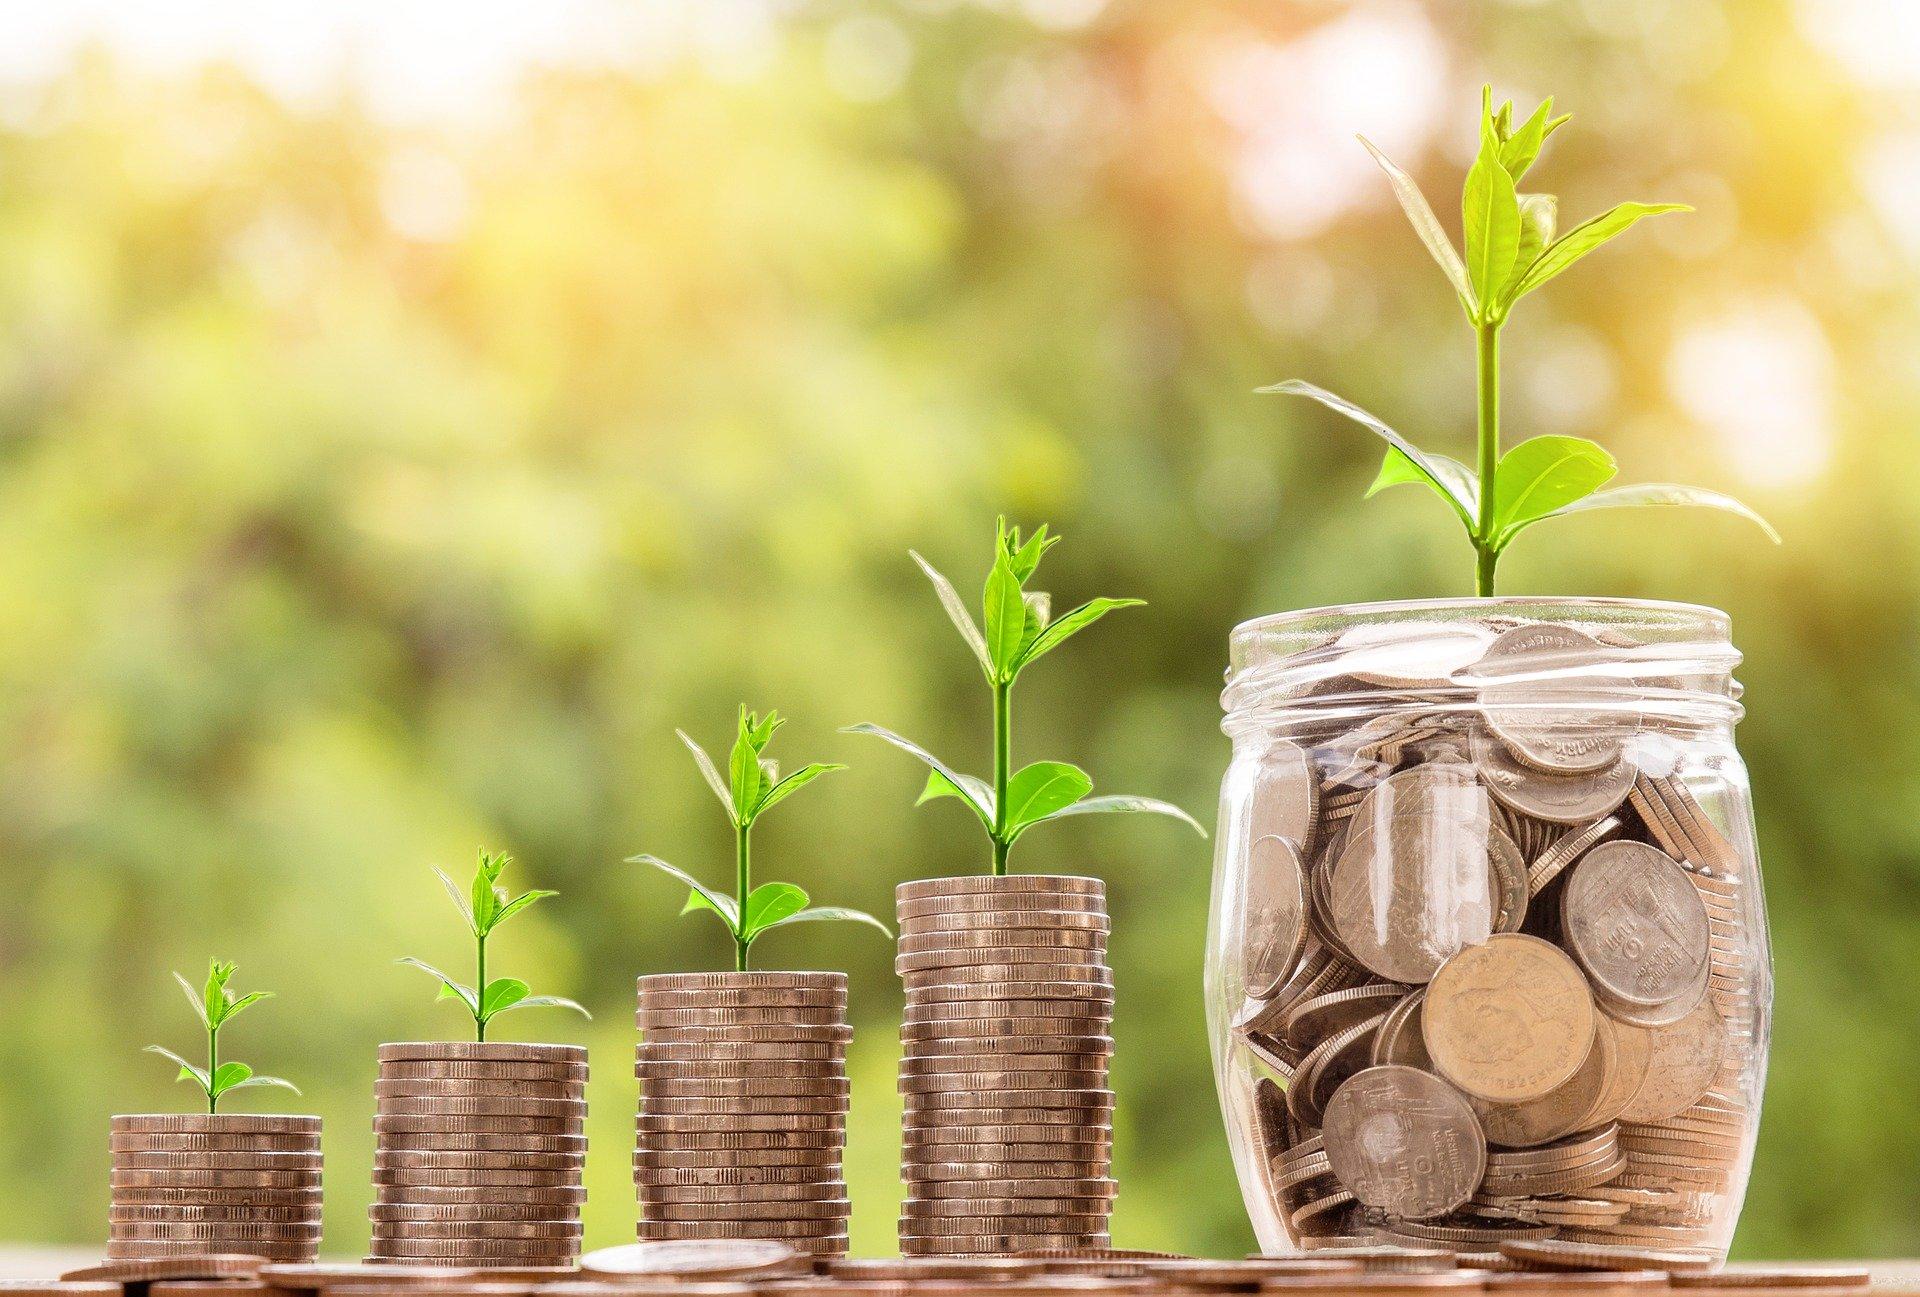 Les salaires annuels supérieurs à 315 000 Francs, désormais soumis à la cotisation sociale de 1%